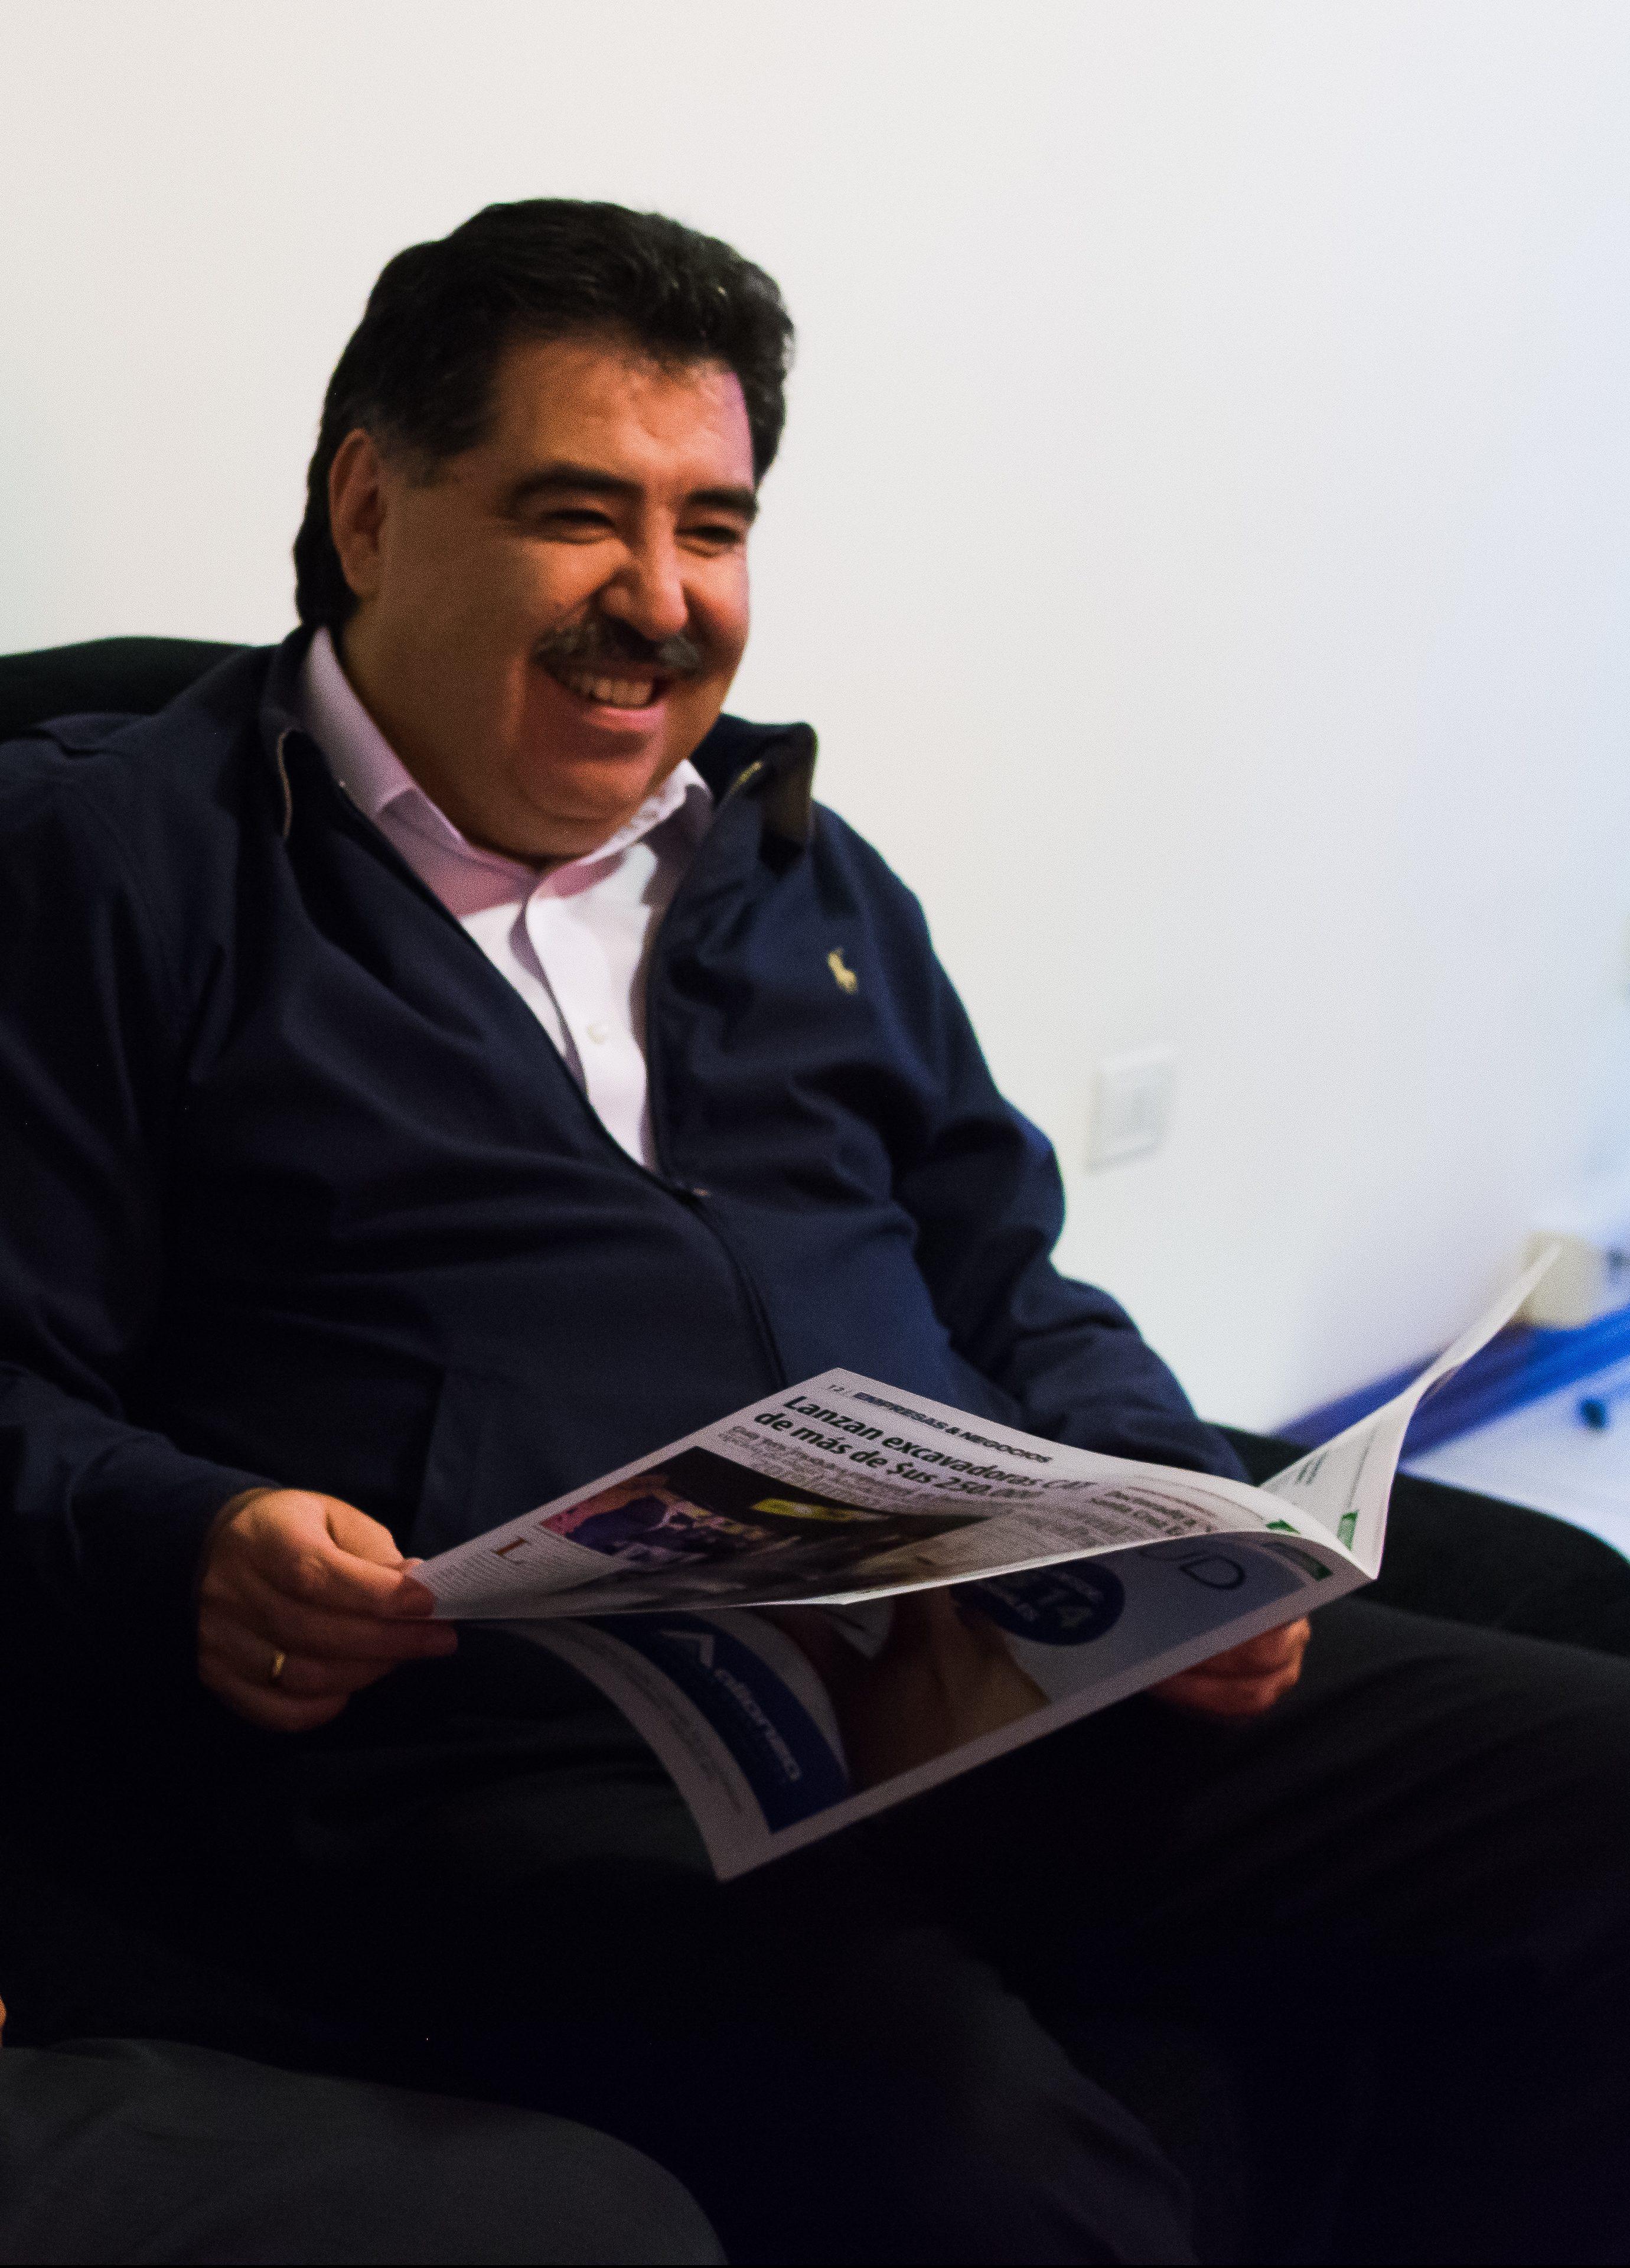 Entrevista con Marco Antonio Salinas Iñiguez el Presidente de la Cámara Nacional de Comercio (Avance)